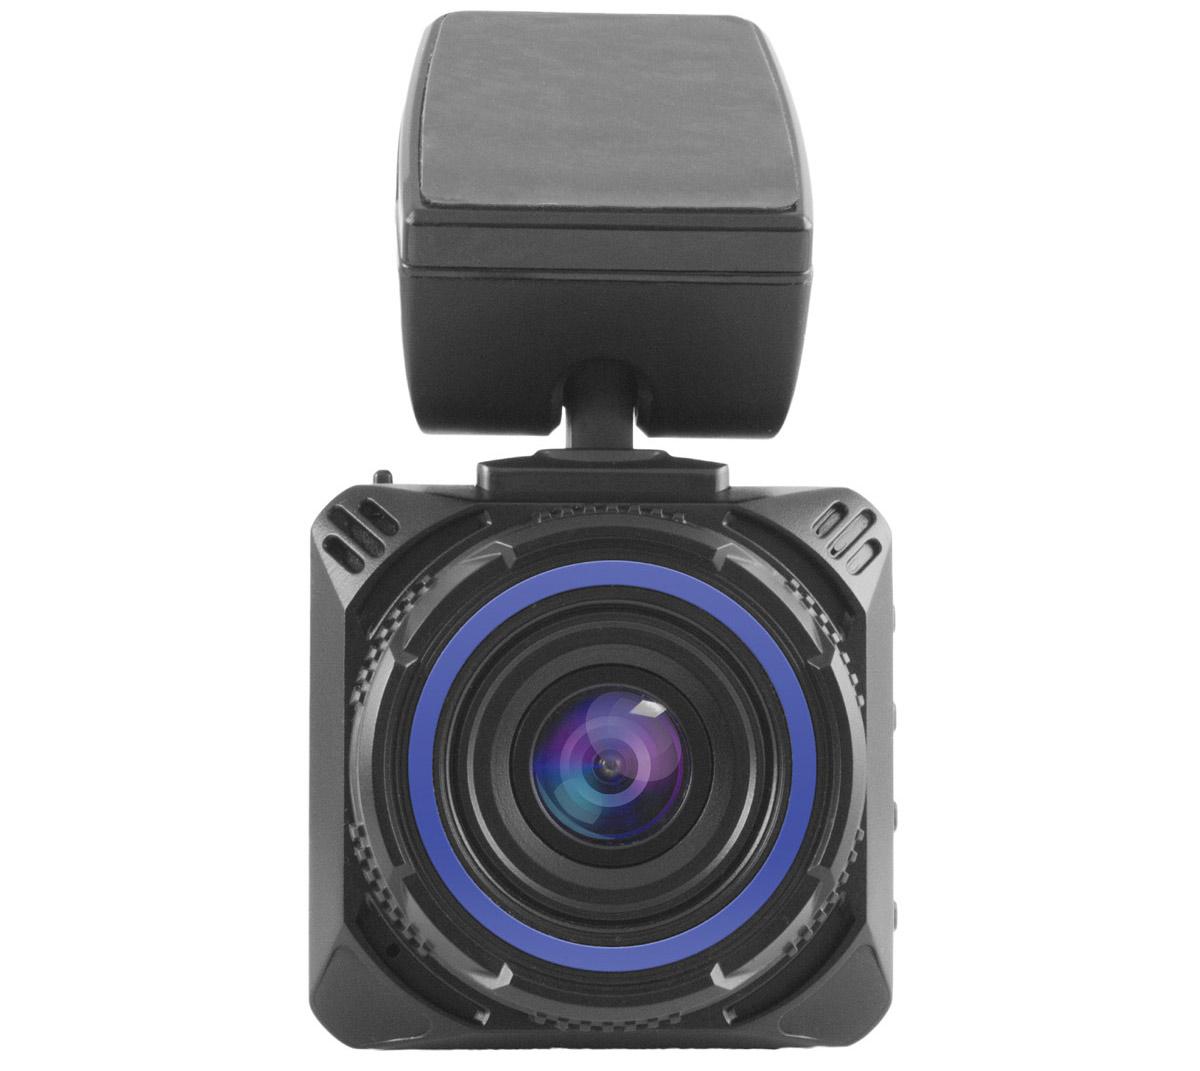 Видеорегистратор NAVITEL R600Navitel<br>Видеорегистратор Navitel R600 обладает черным компактным корпусом и крепится на 3М-скотч. Модель обладает датчиком движения и G-сенсором. Работа модели основана на использовании одной камеры с разрешением 12 Мп, с возможностью поворота и углом обзора, равным 170°.